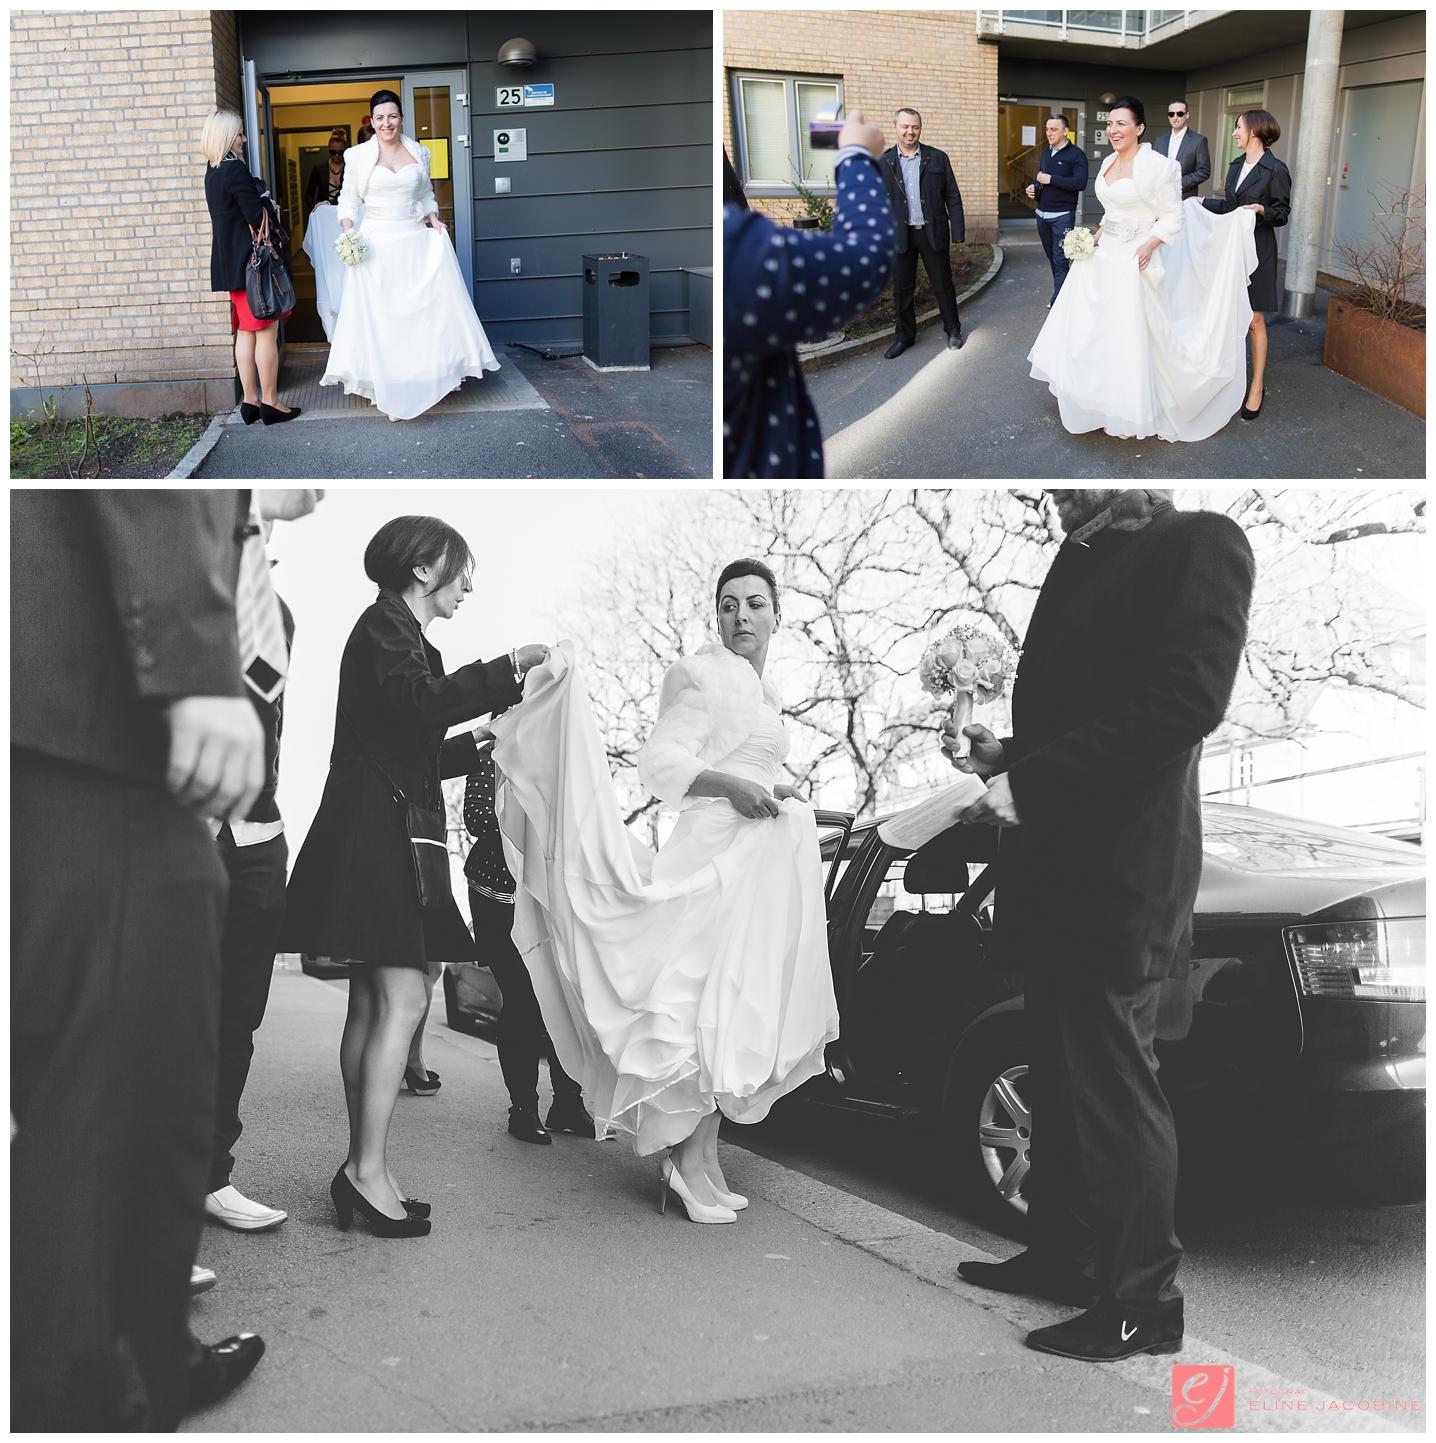 Oslo-Tinghuset-Bryllupsfotografering-Fotograf-Eline-Jacobine-Mirnela-og-Alen_0022